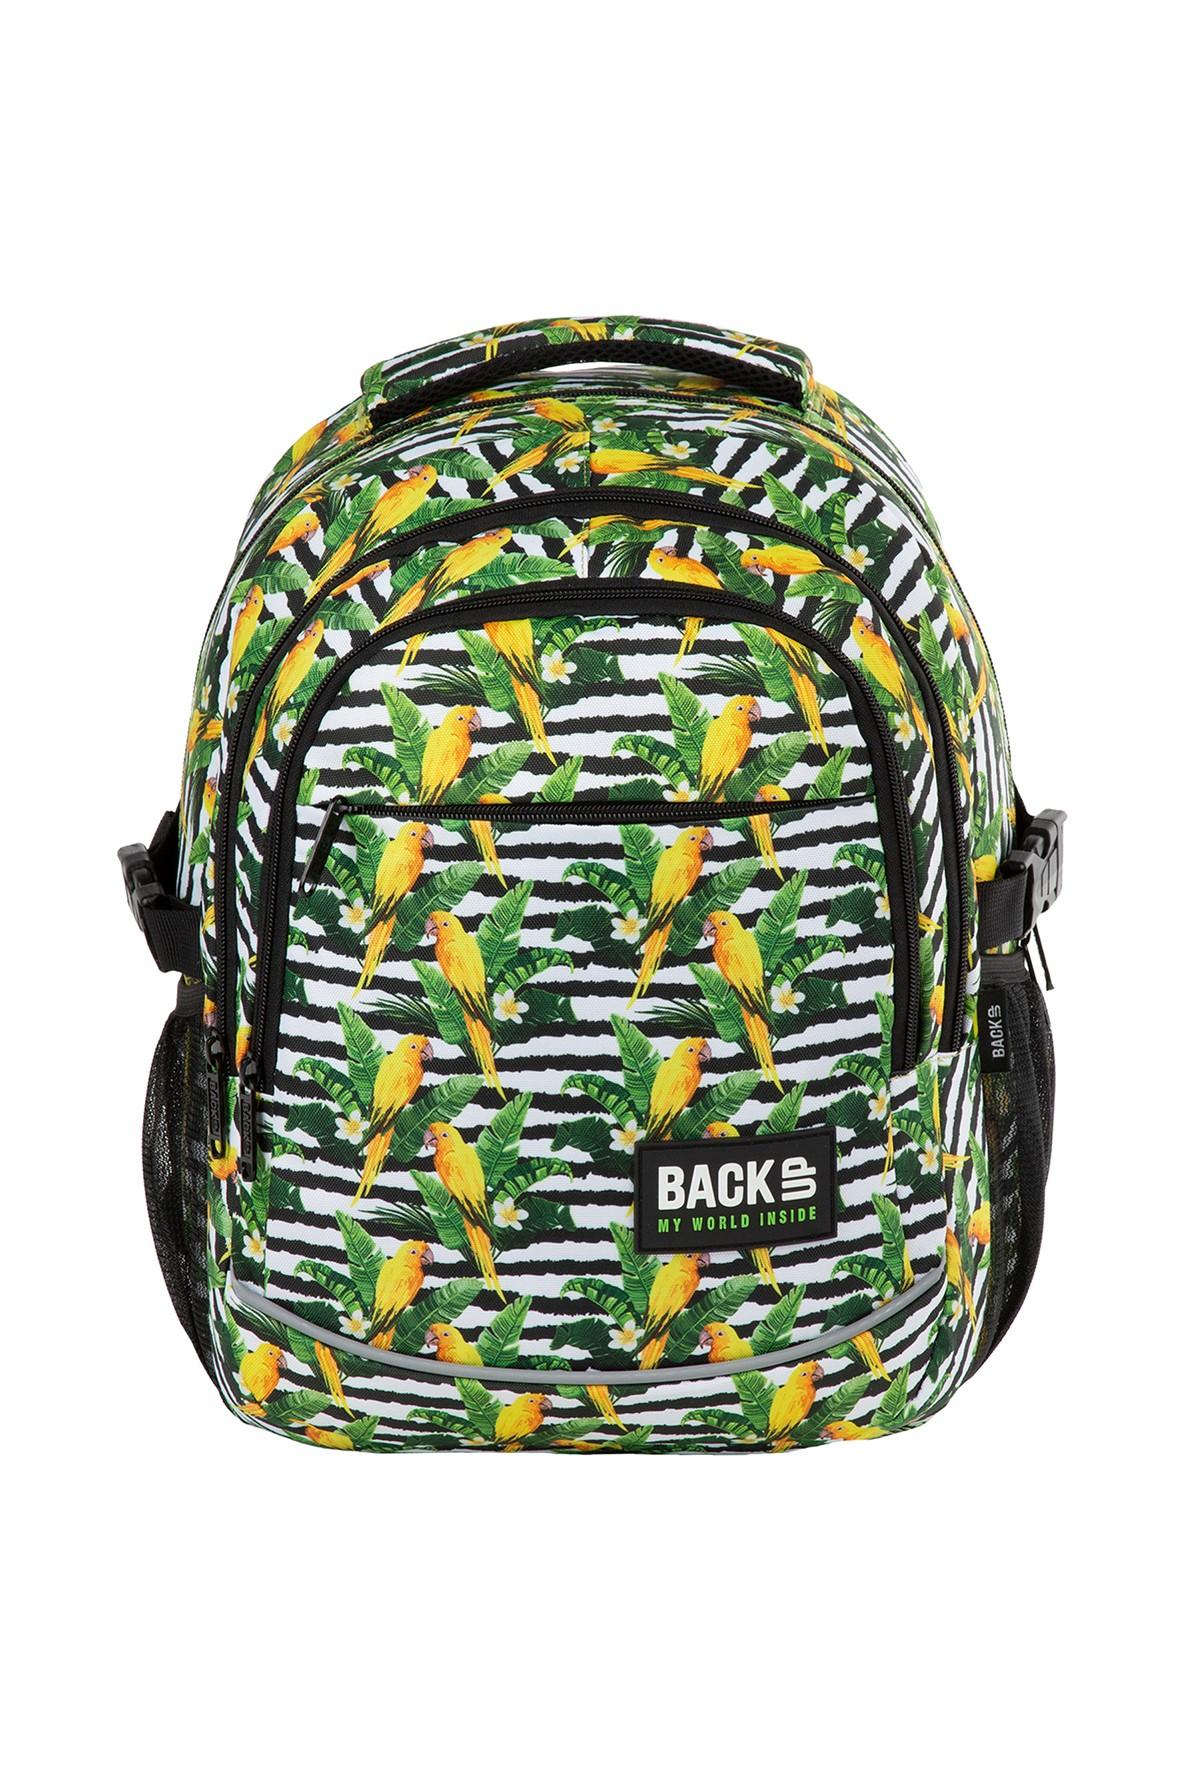 Plecak szkolny BackUp  w papugi- 3komorowy